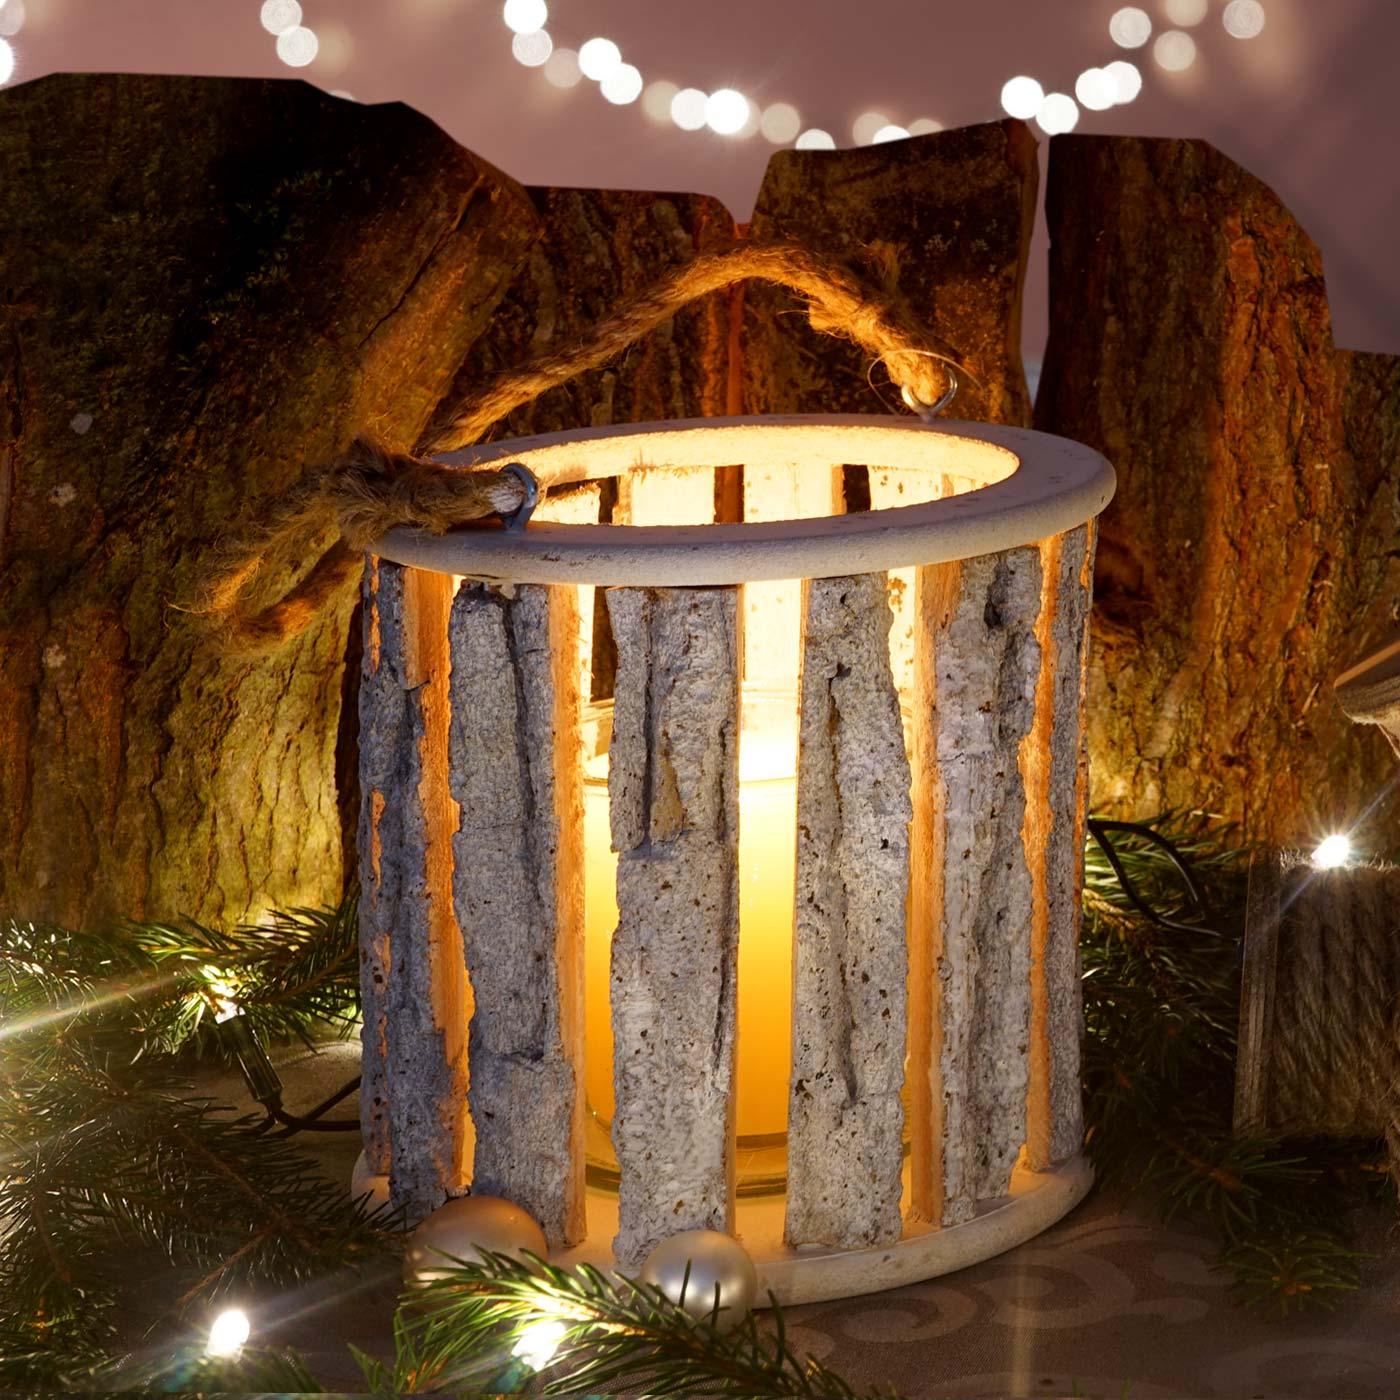 Hängelaterne 36cm, Windlicht Kerzenhalter mit Glaseinsatz 10cm, weiß-grau